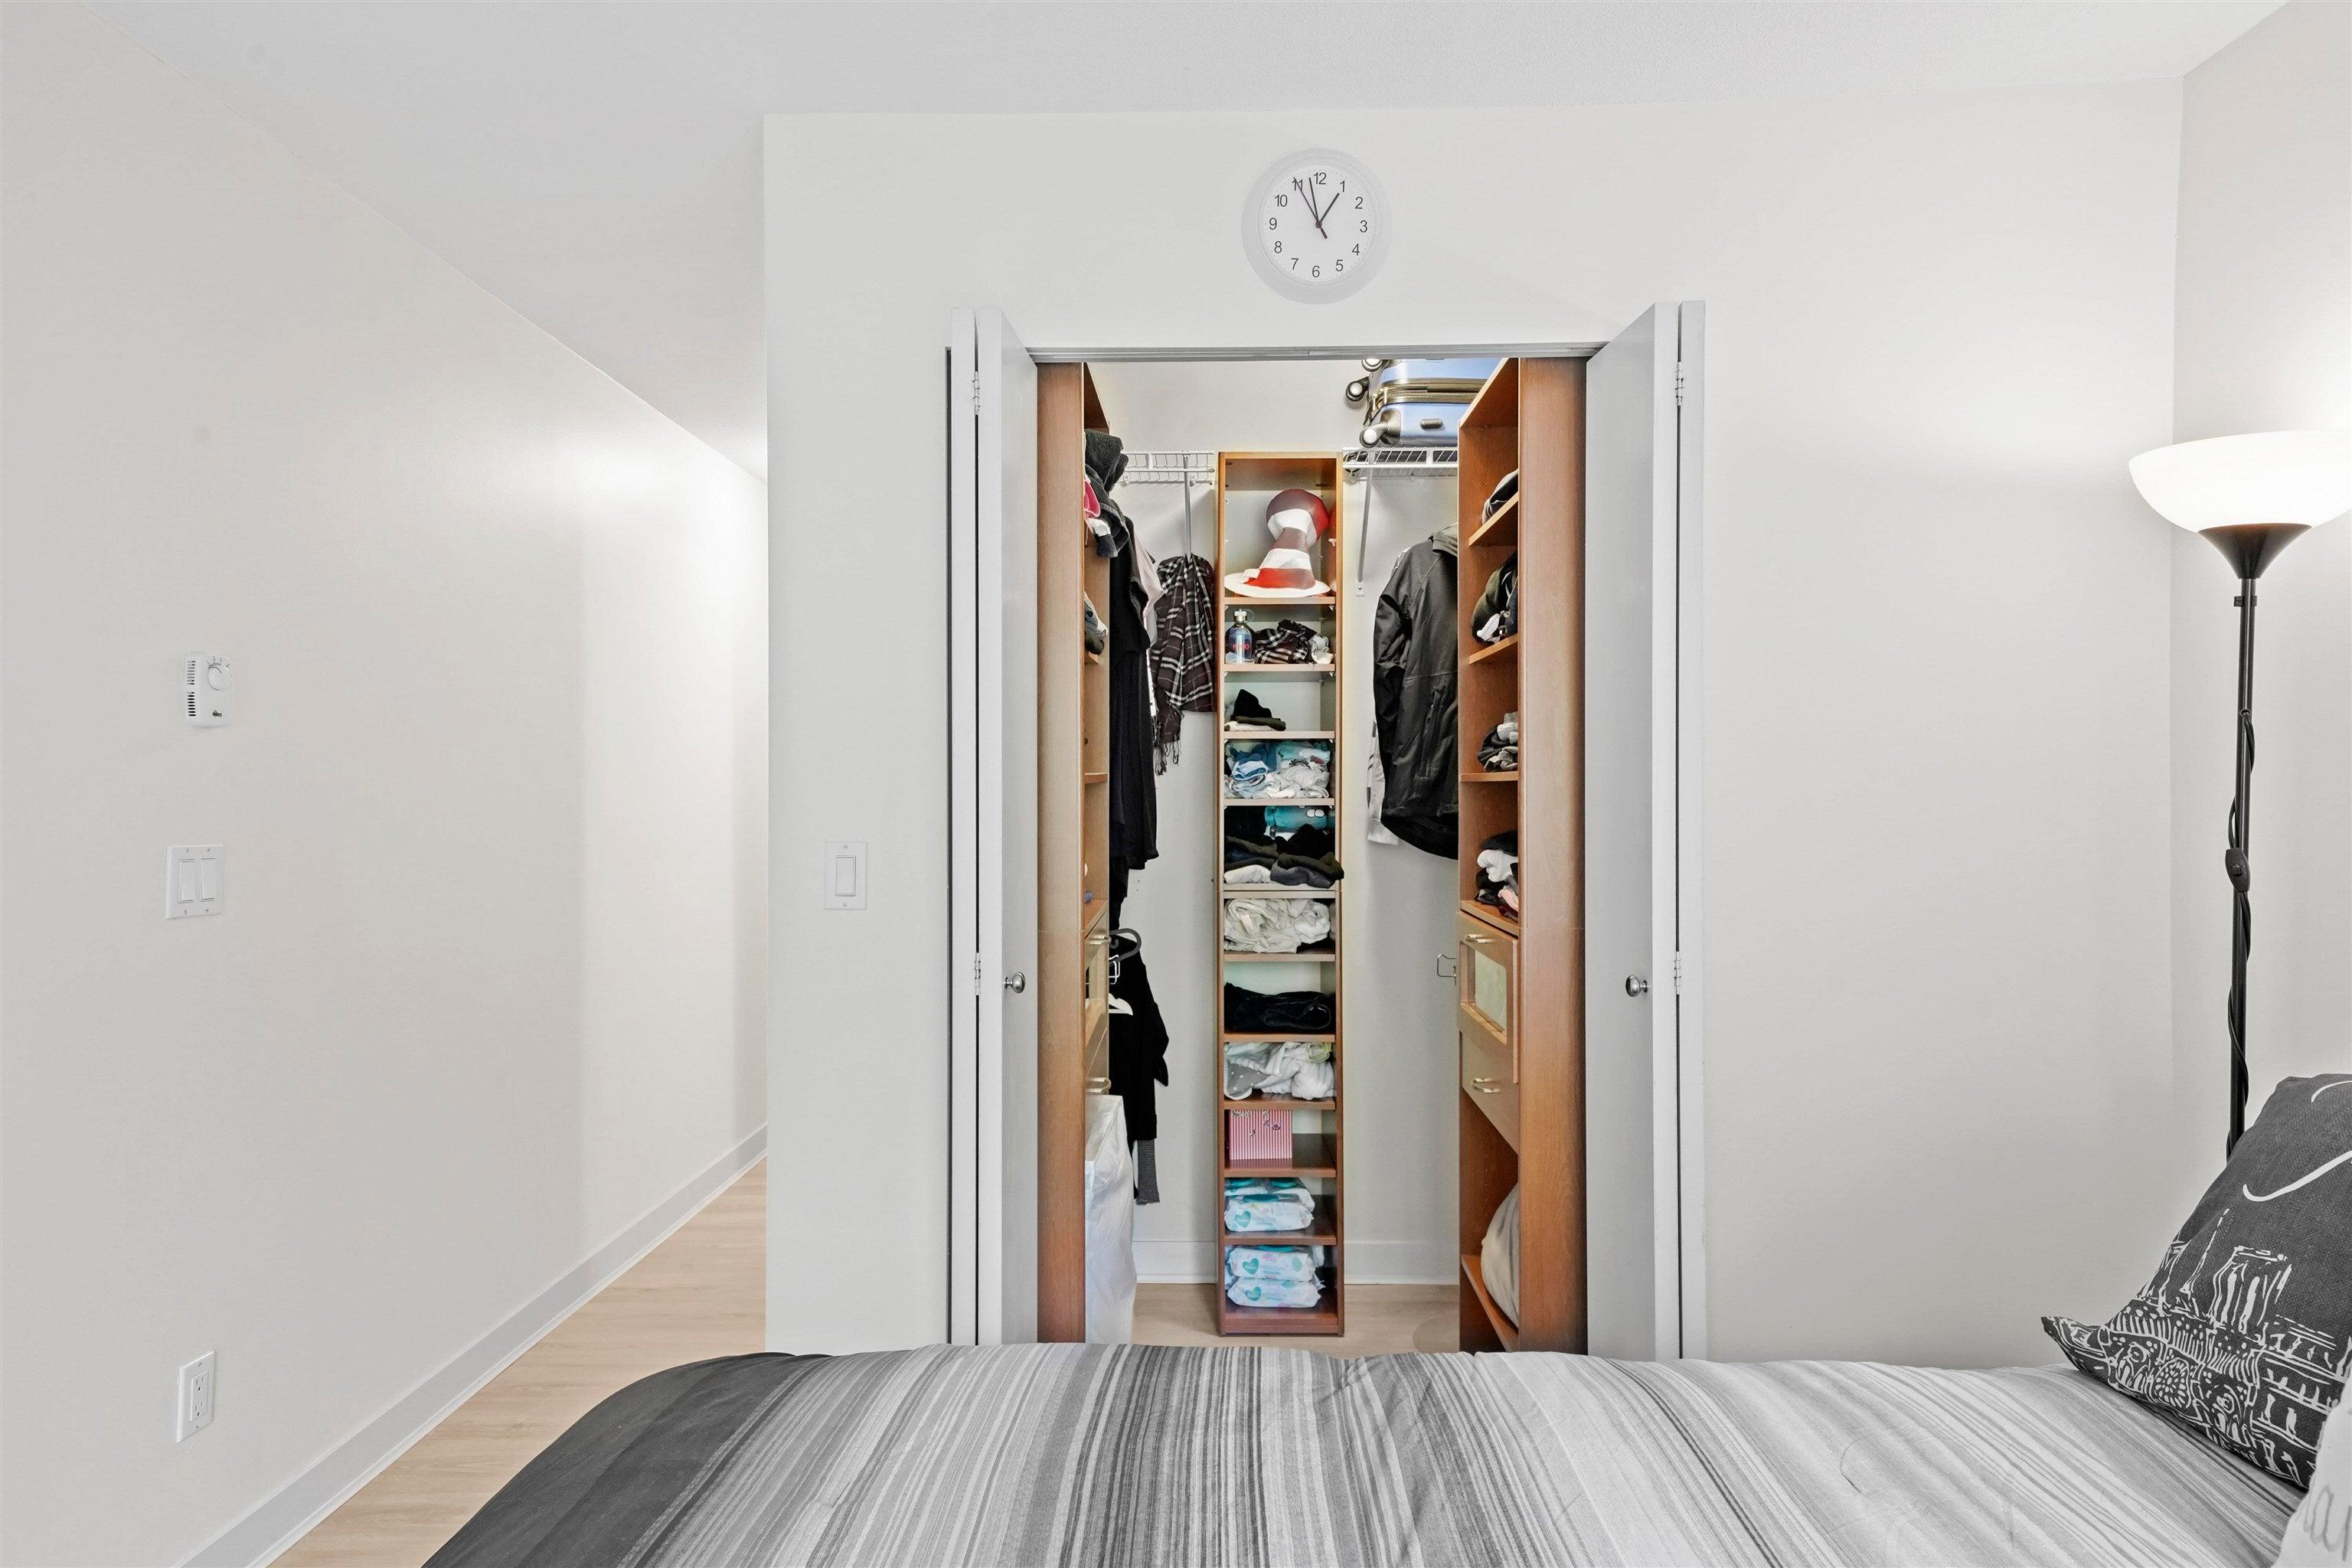 319 1633 MACKAY AVENUE - Pemberton NV Apartment/Condo for sale, 2 Bedrooms (R2624916) - #16